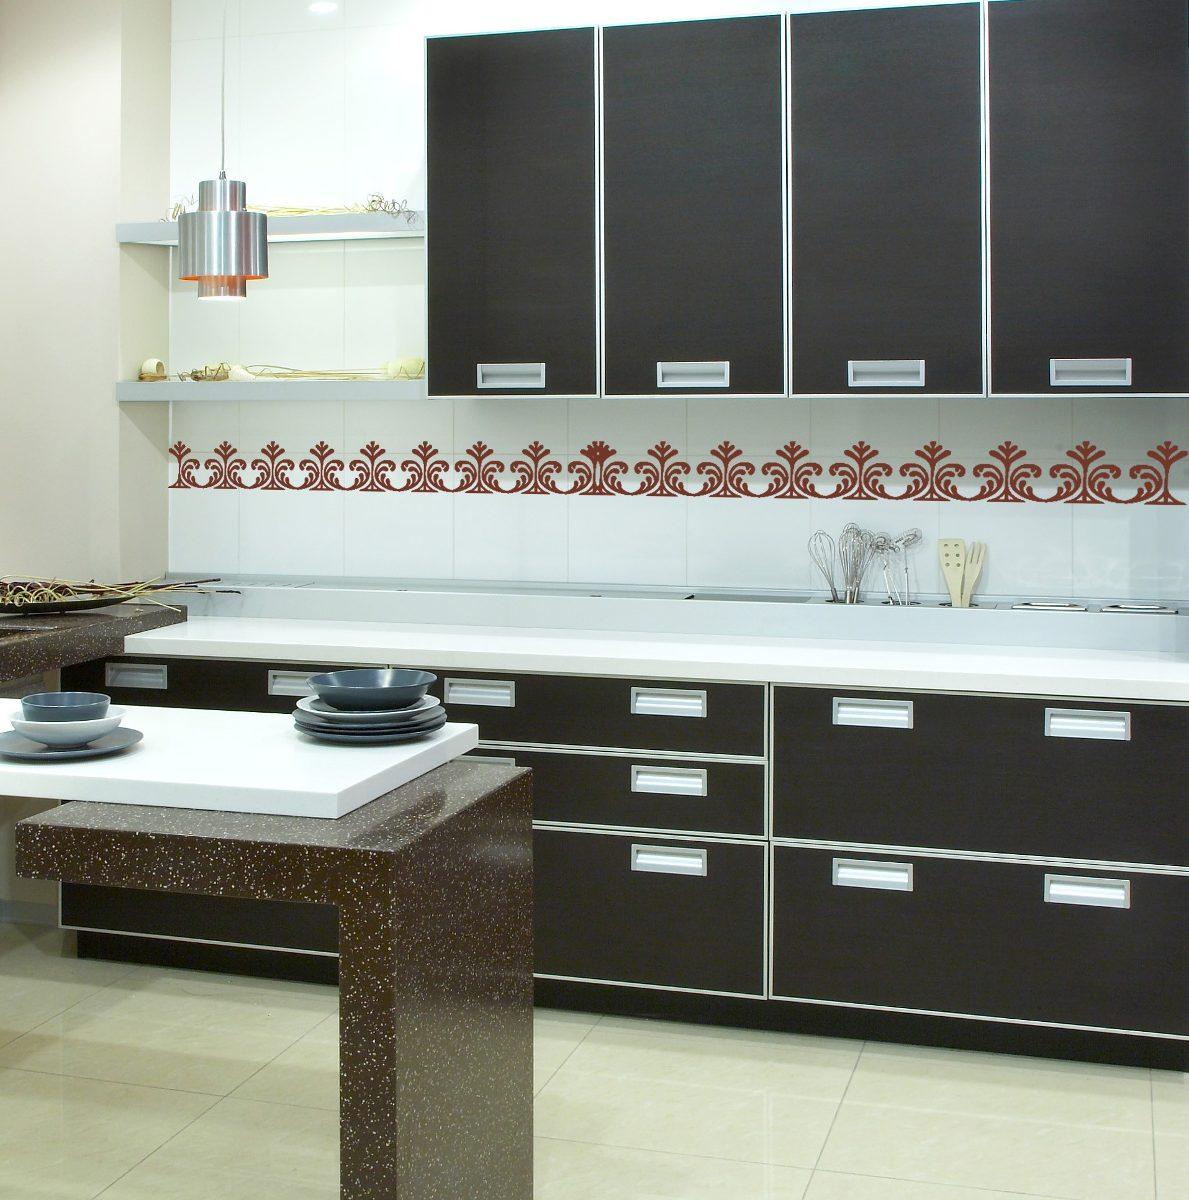 Adesivo De Parede Decorativo Faixa Border Cozinha Azulejo R$ 9 99  #6B473B 1189x1200 Azulejo Banheiro Parede